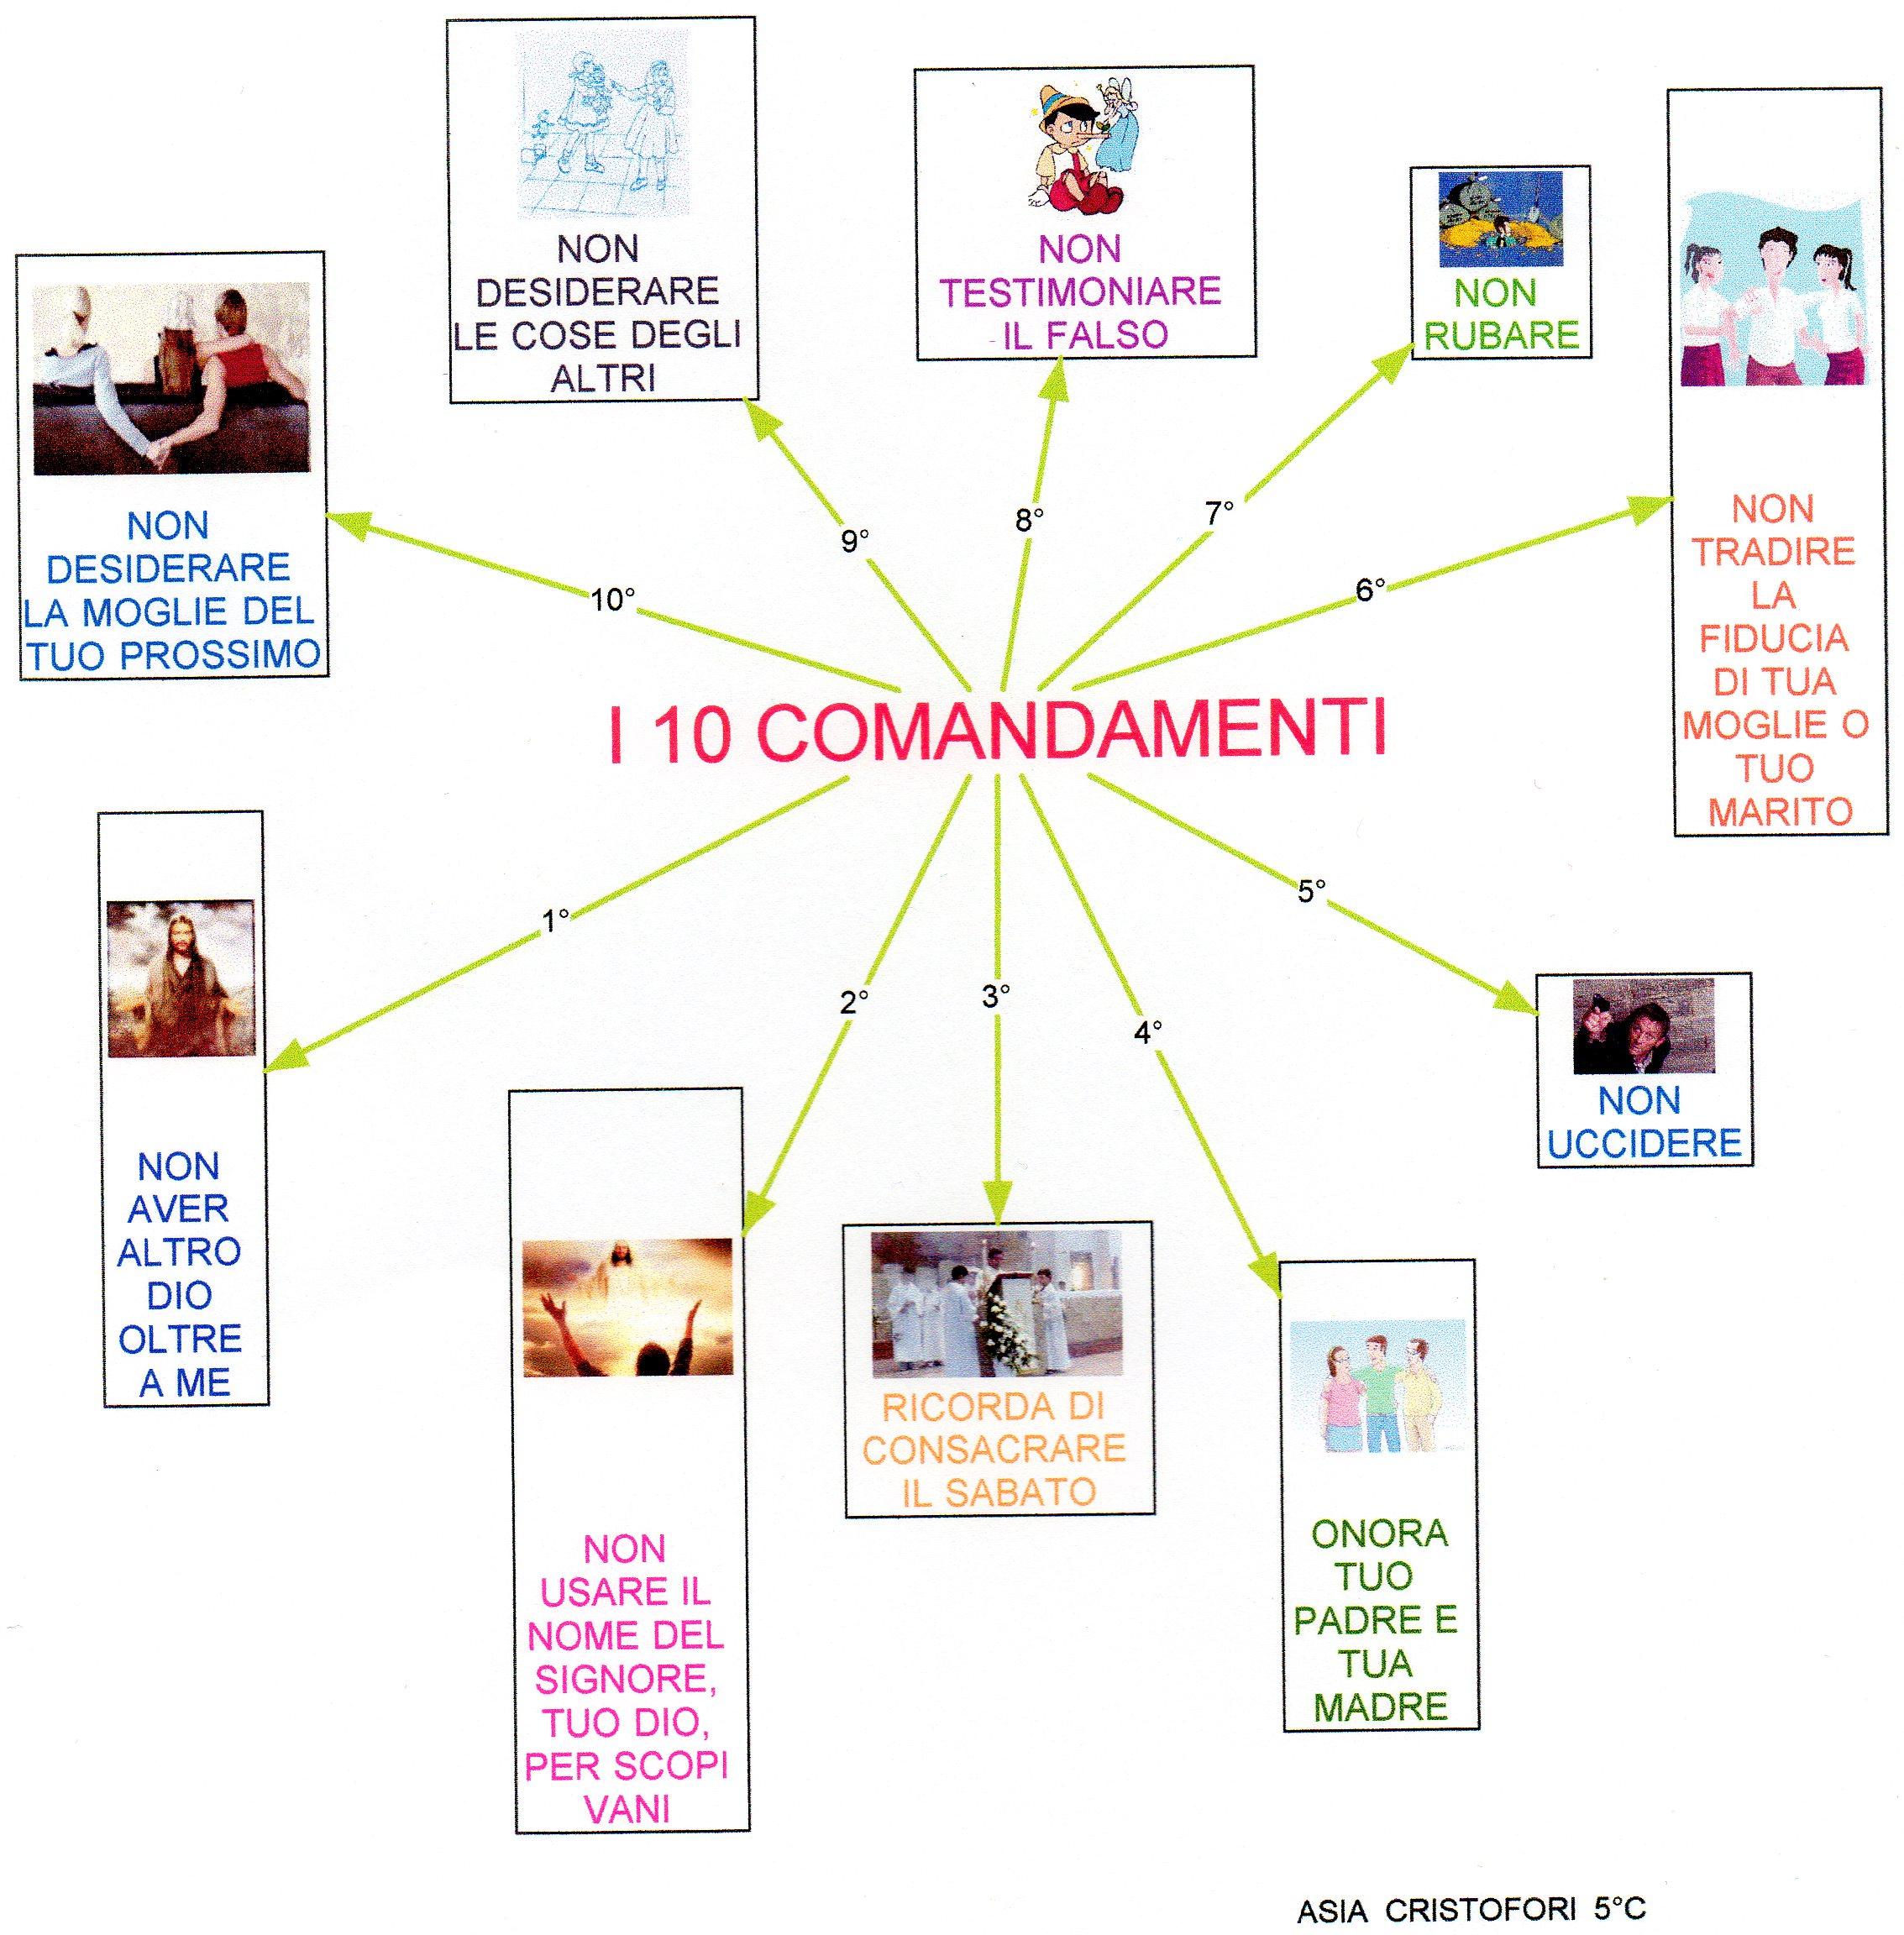 Mappa religione dieci comandamenti dislessia - Tavole dei dieci comandamenti ...